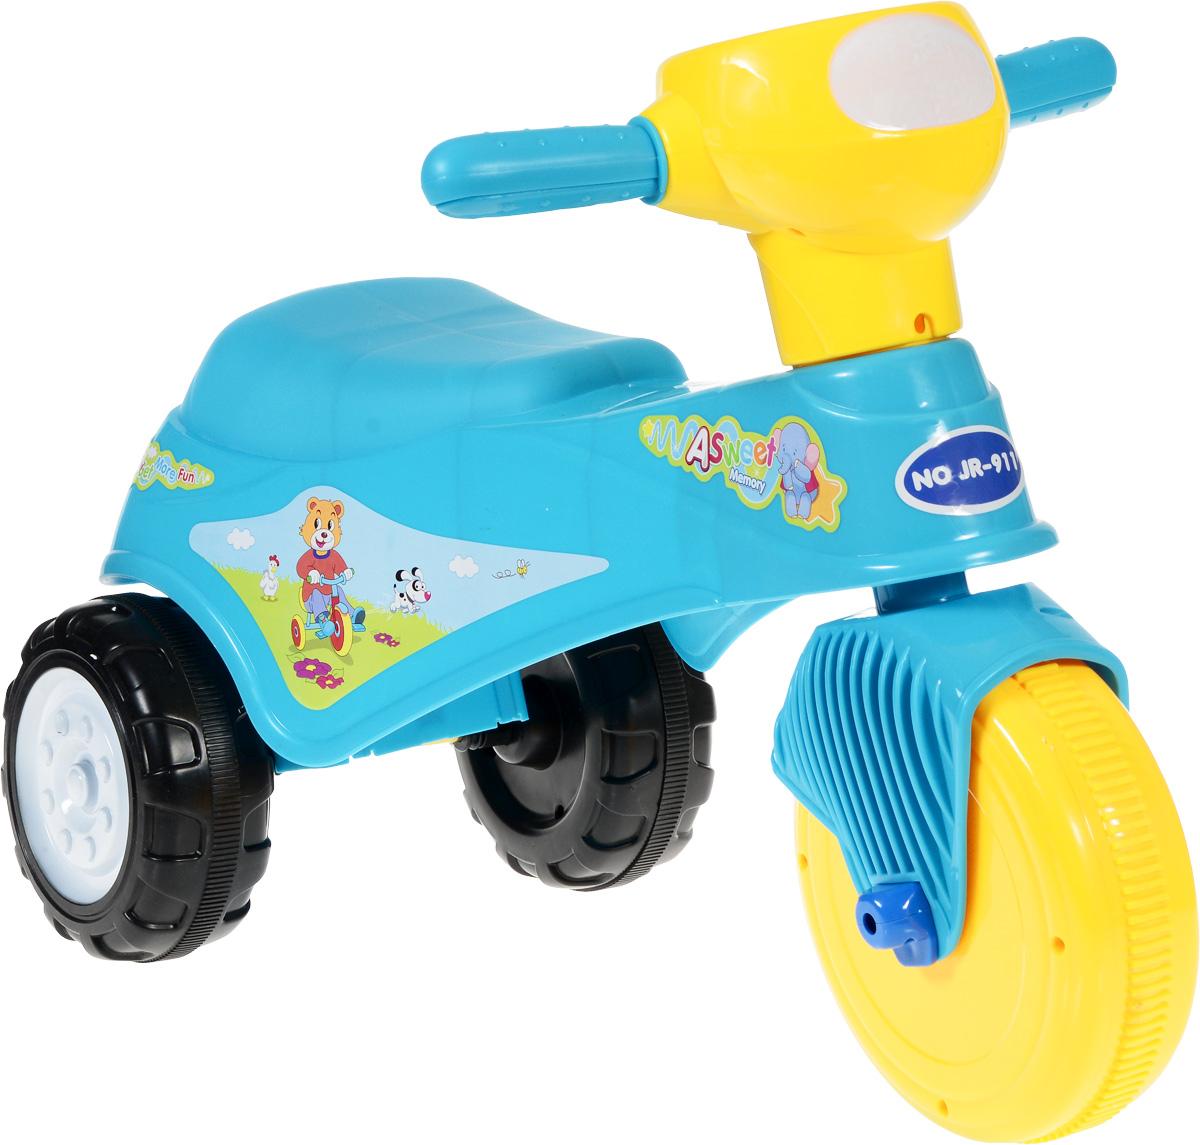 J.R. TOYS Каталка детская Трицикл голубойJR-911ABКаталка детская J.R. TOYS Трицикл - настоящая находка для вашего ребенка. Выполненная из безопасного пластика яркого цвета, устойчивая и прочная каталка будет отличным средством передвижения вашего ребенка. Для того чтобы покататься, малышу достаточно просто сесть на сиденье и, отталкиваясь ногами, катиться вперед. Каталка детская J.R. TOYS Трицикл улучшает координацию движений ребенка, баланс и моторику. На этой замечательной каталке ребенок будет чувствовать себя комфортно и безопасно, а прогулки станут веселее и интереснее. Изделие поставляется в разобранном виде.